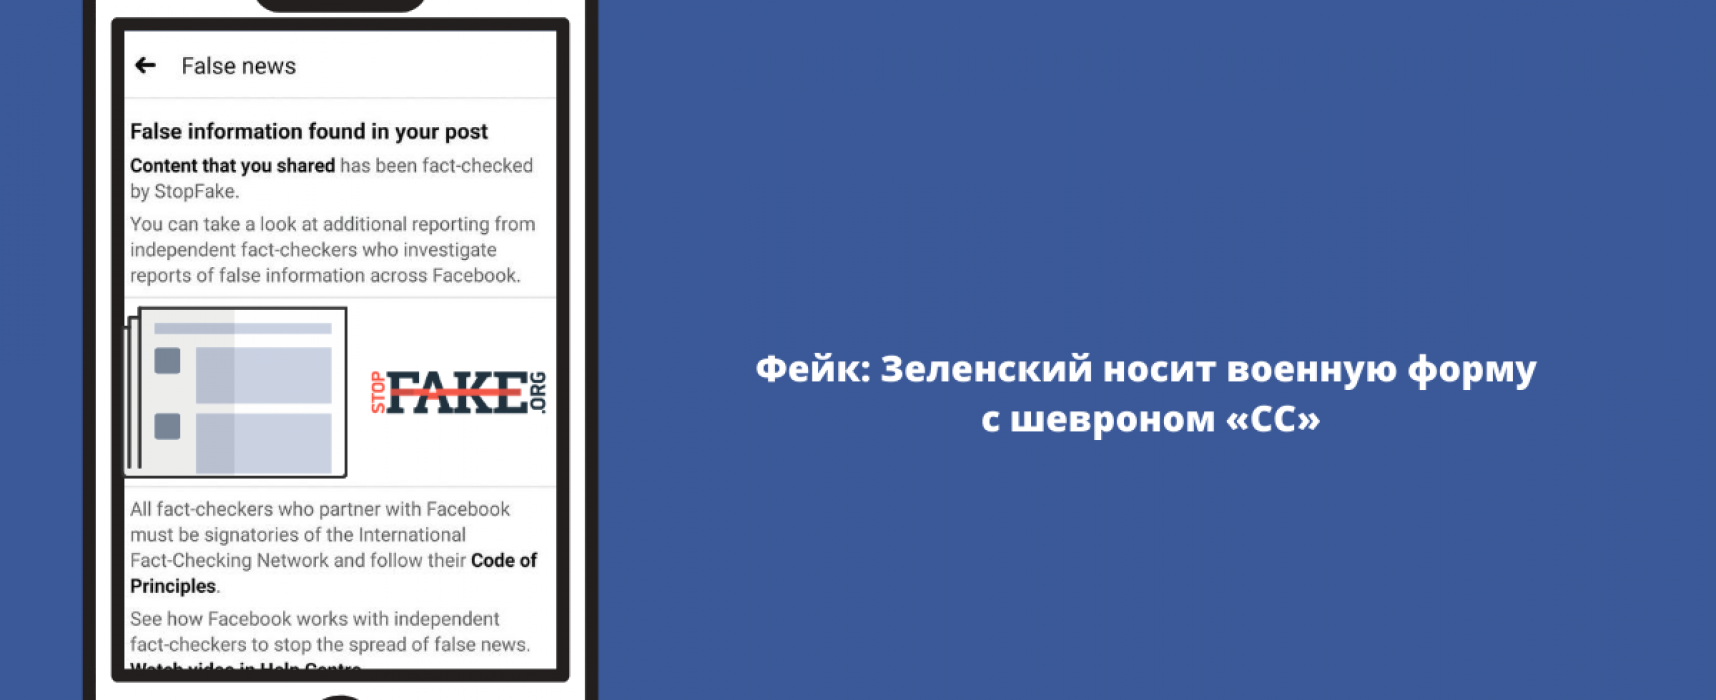 Фейк: Зеленский носит военную форму с шевроном «СС»